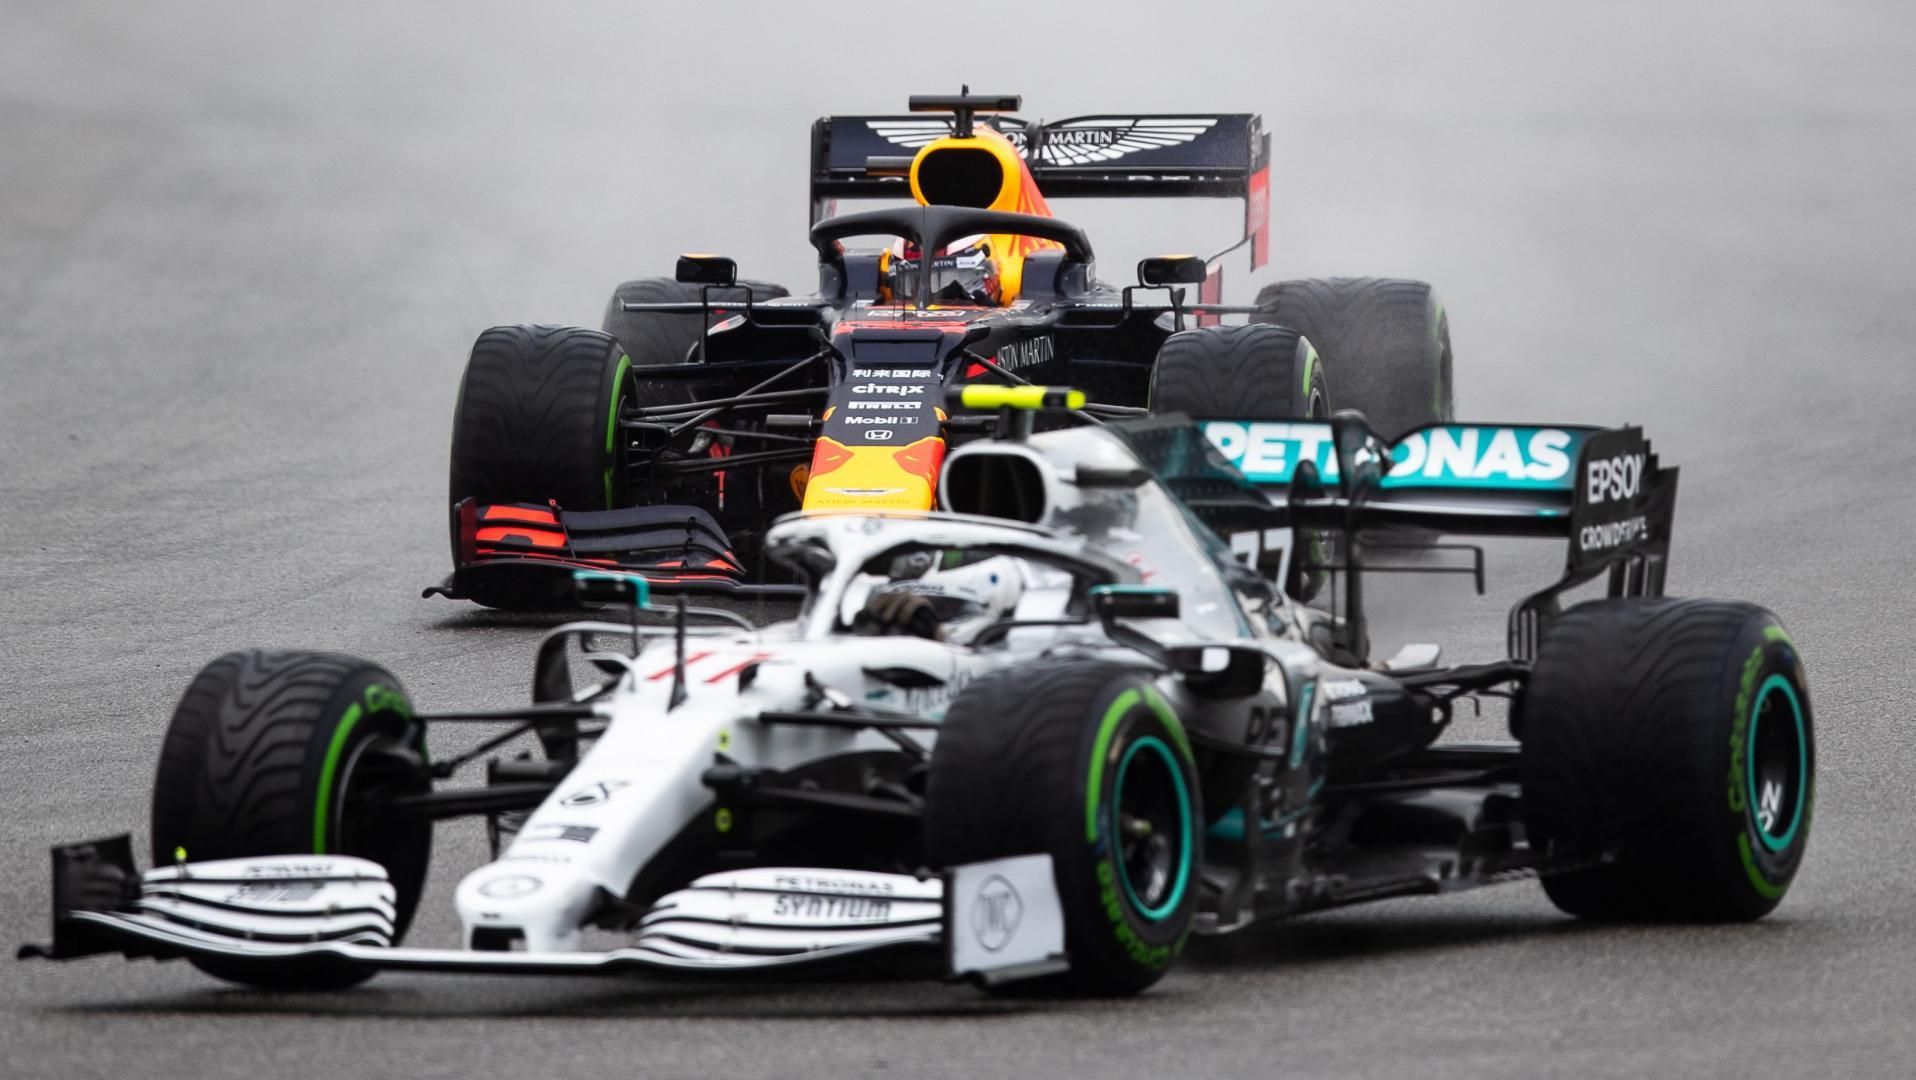 Warmdraaien voor de GP van Hongarije 2019